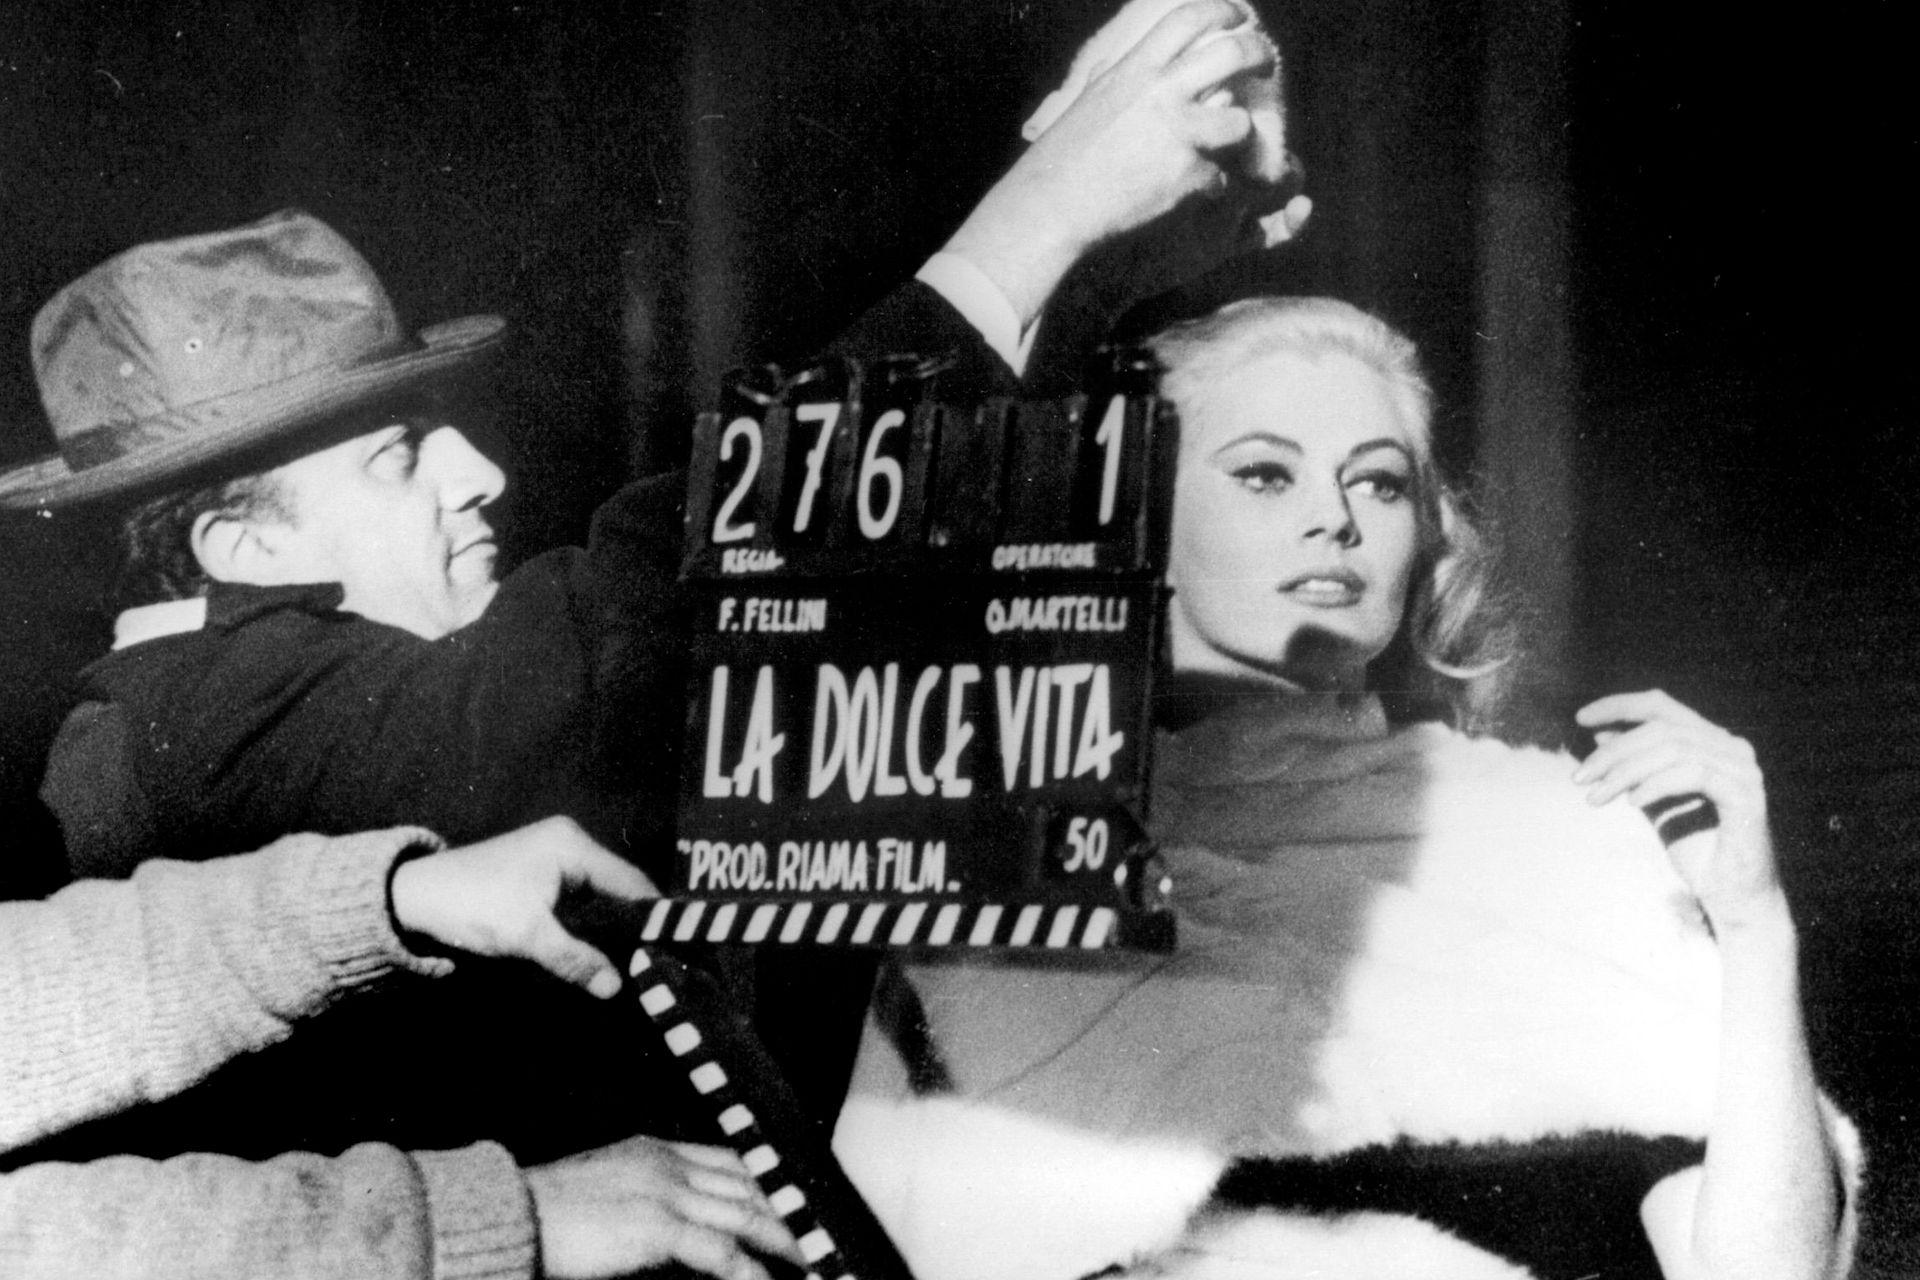 En el MNAD sonará la música original de Nino Rota (1911-1979), compositor de la música fellinesca en filmes icónicos como La Dolce Vita (1960), 8 ½ (1963), Satiricón (1969) y Amarcord (1973).